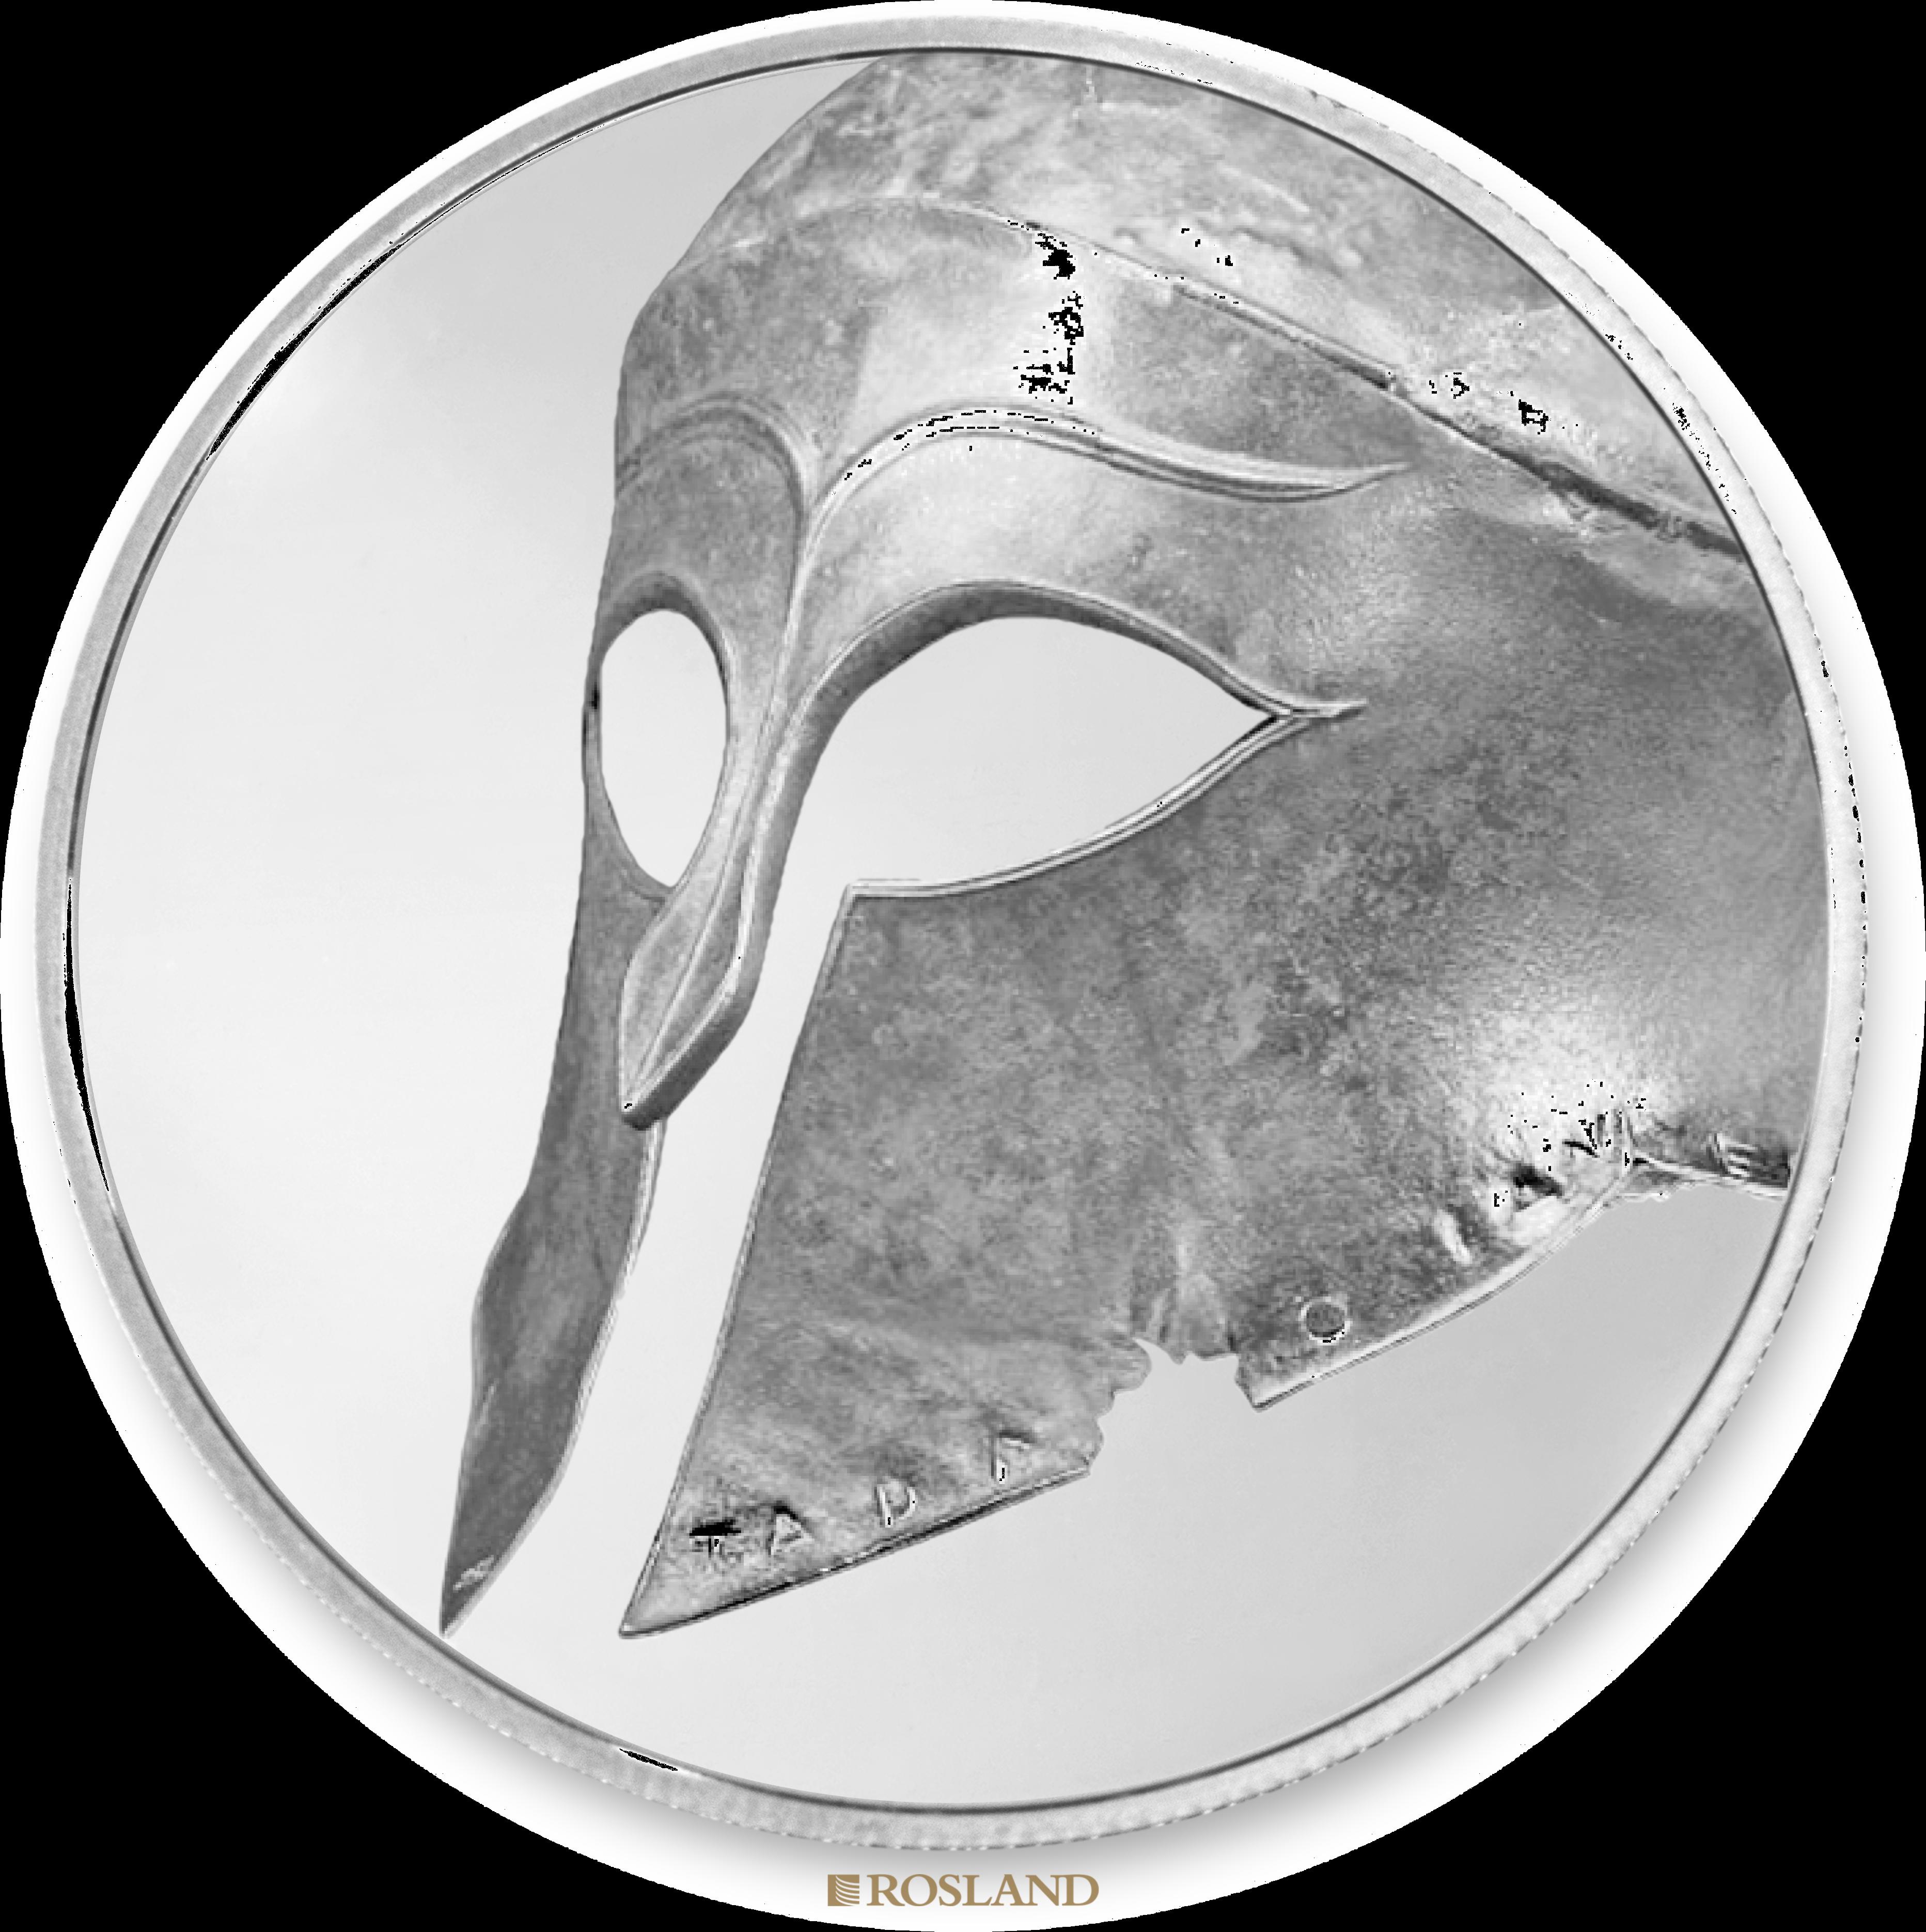 3 Unzen 2 Münzen PAMP Britisches Museum Gladiator Set 2018 PP